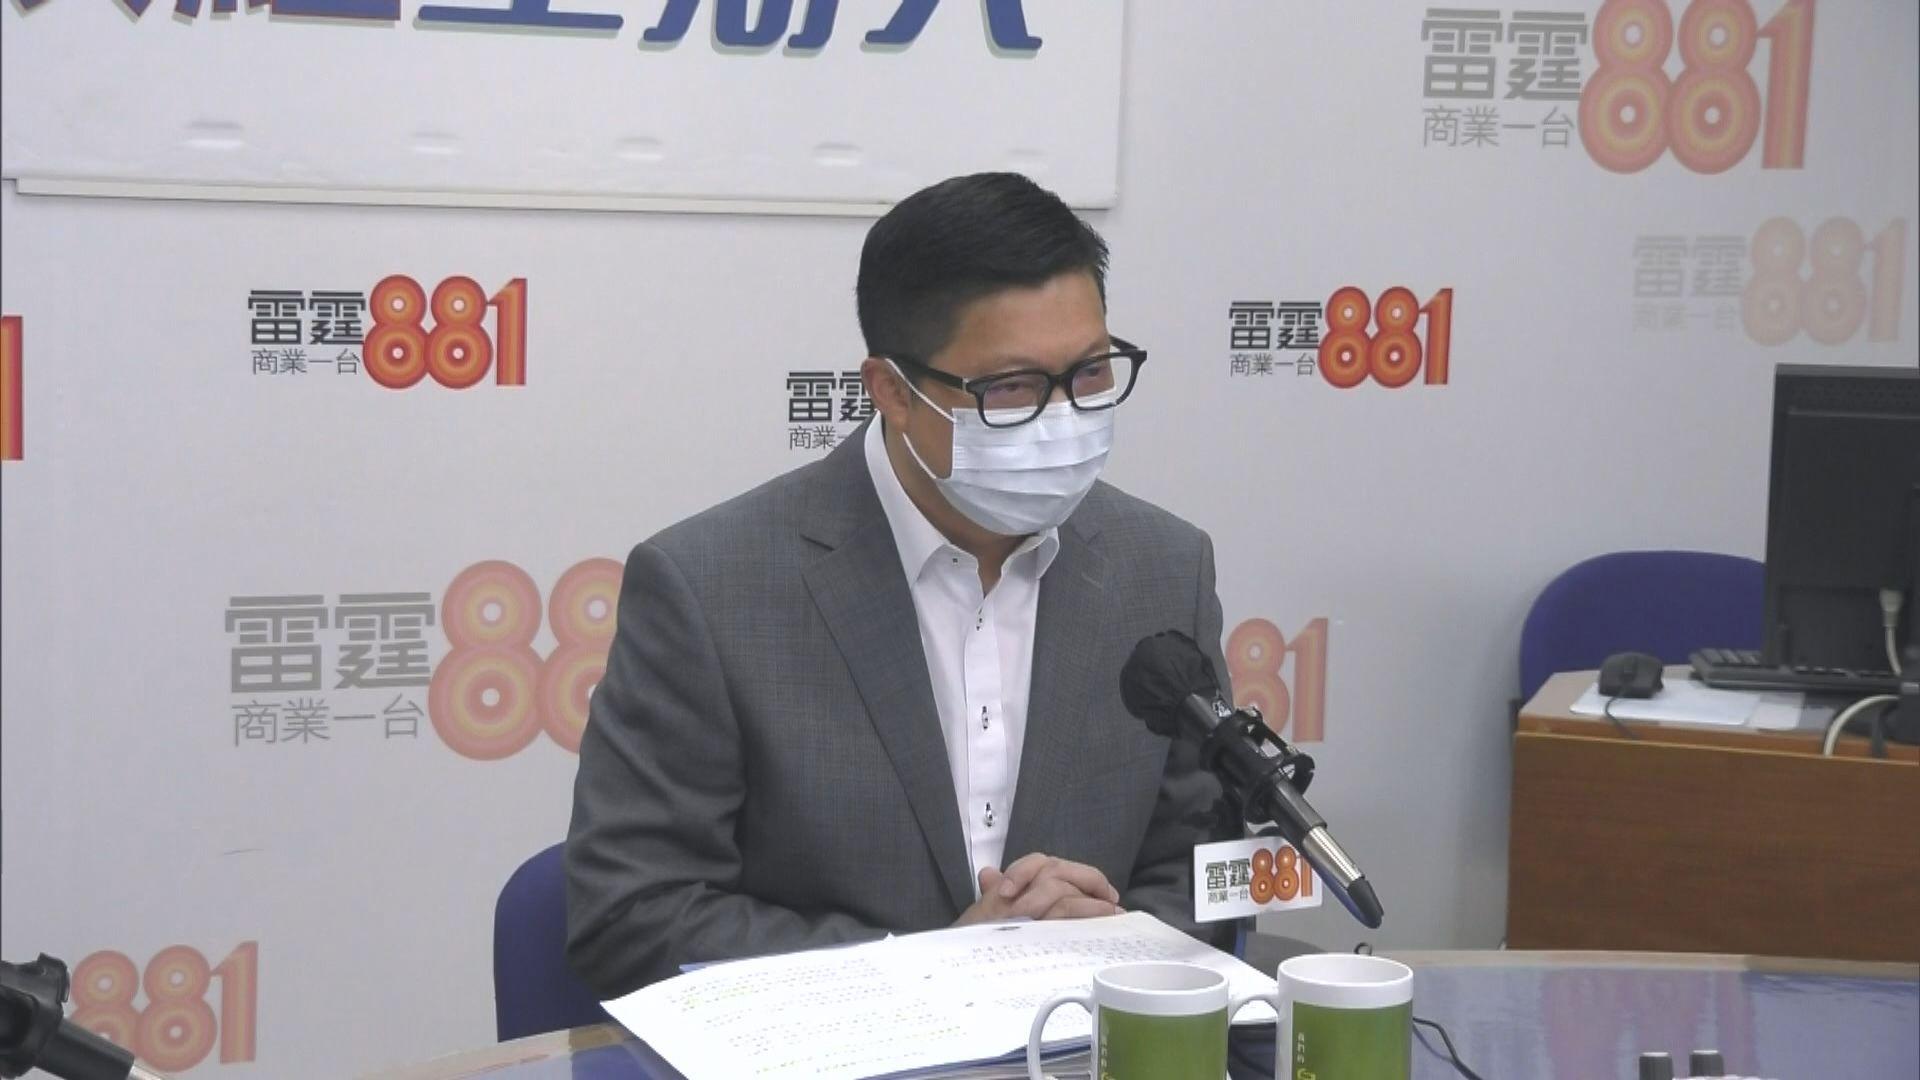 鄧炳強:即使支聯會解散 亦繼續取消其公司註冊程序